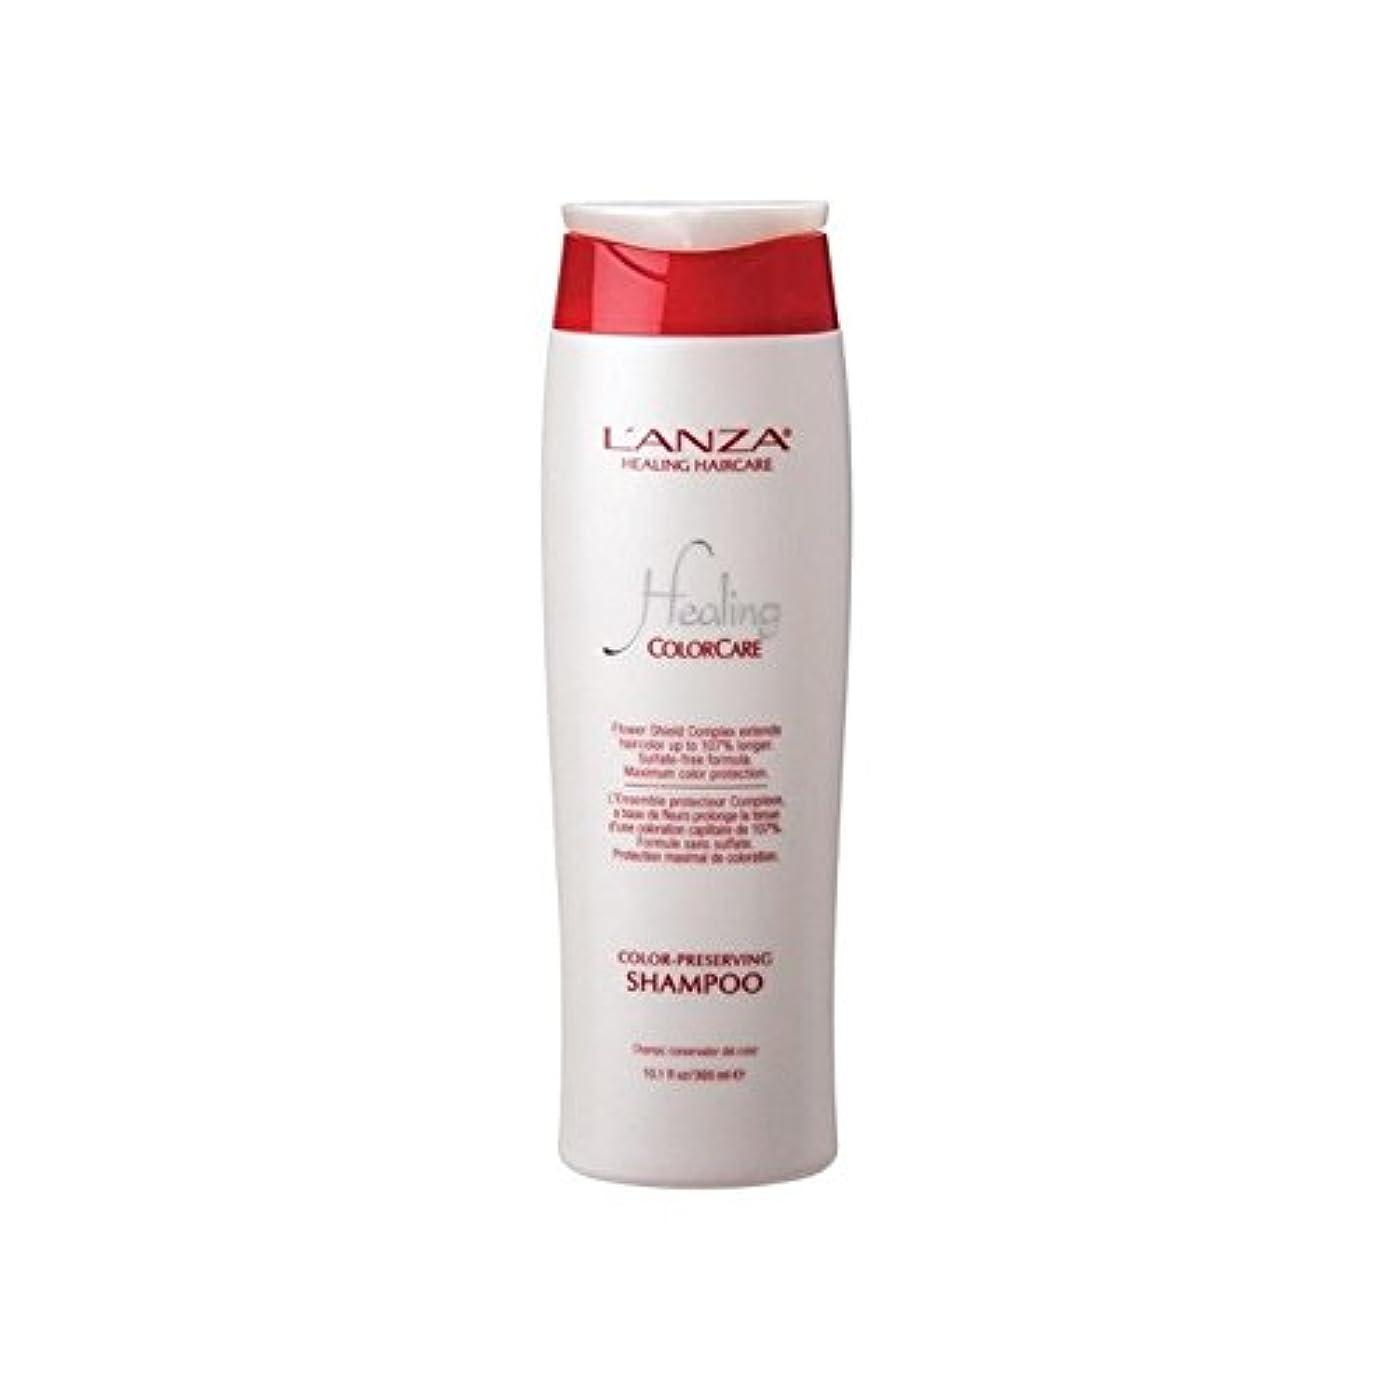 ピンチアトラスピルファーアンザ癒しカラーシャンプーを保存(300ミリリットル) x4 - L'Anza Healing Colorcare Colour Preserving Shampoo (300ml) (Pack of 4) [並行輸入品]